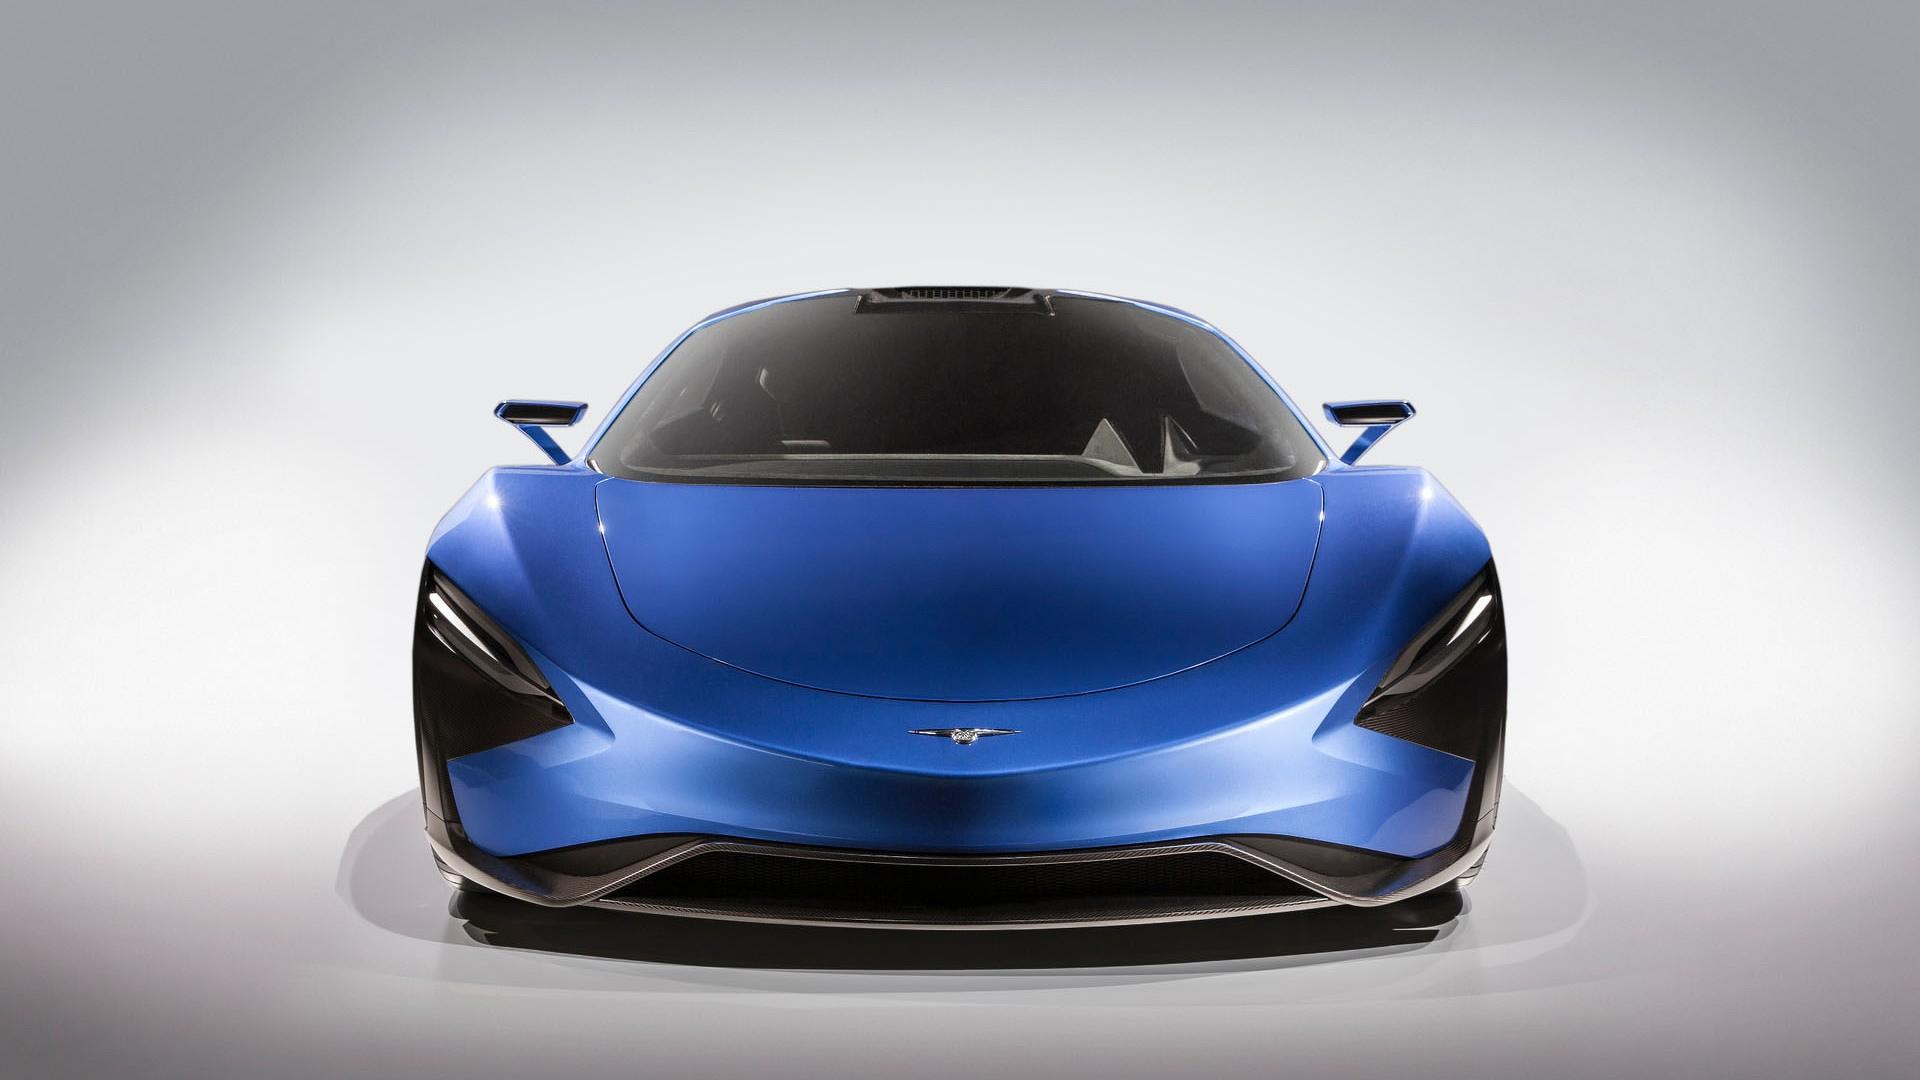 В последующем 2017 году Techrules презентует серийную версию суперкара GT96